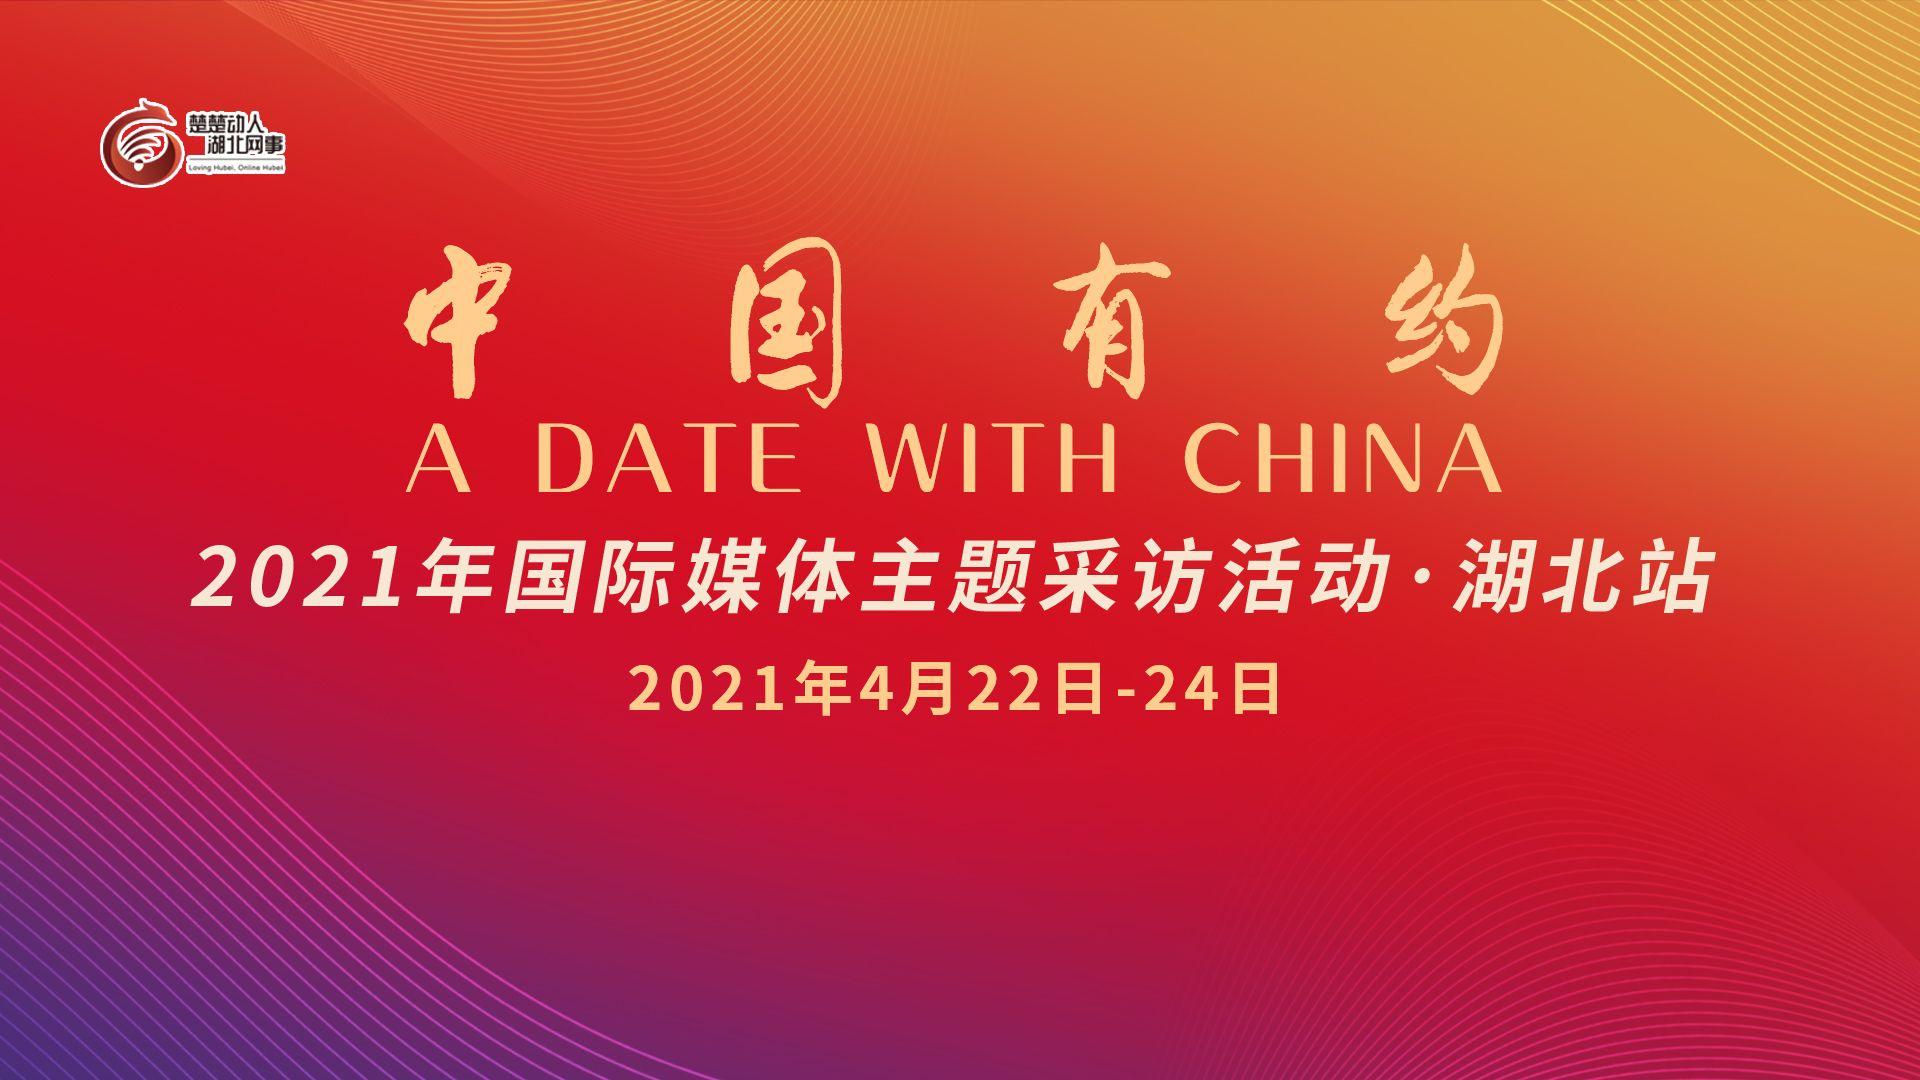 2021年中国有约 A Date with China